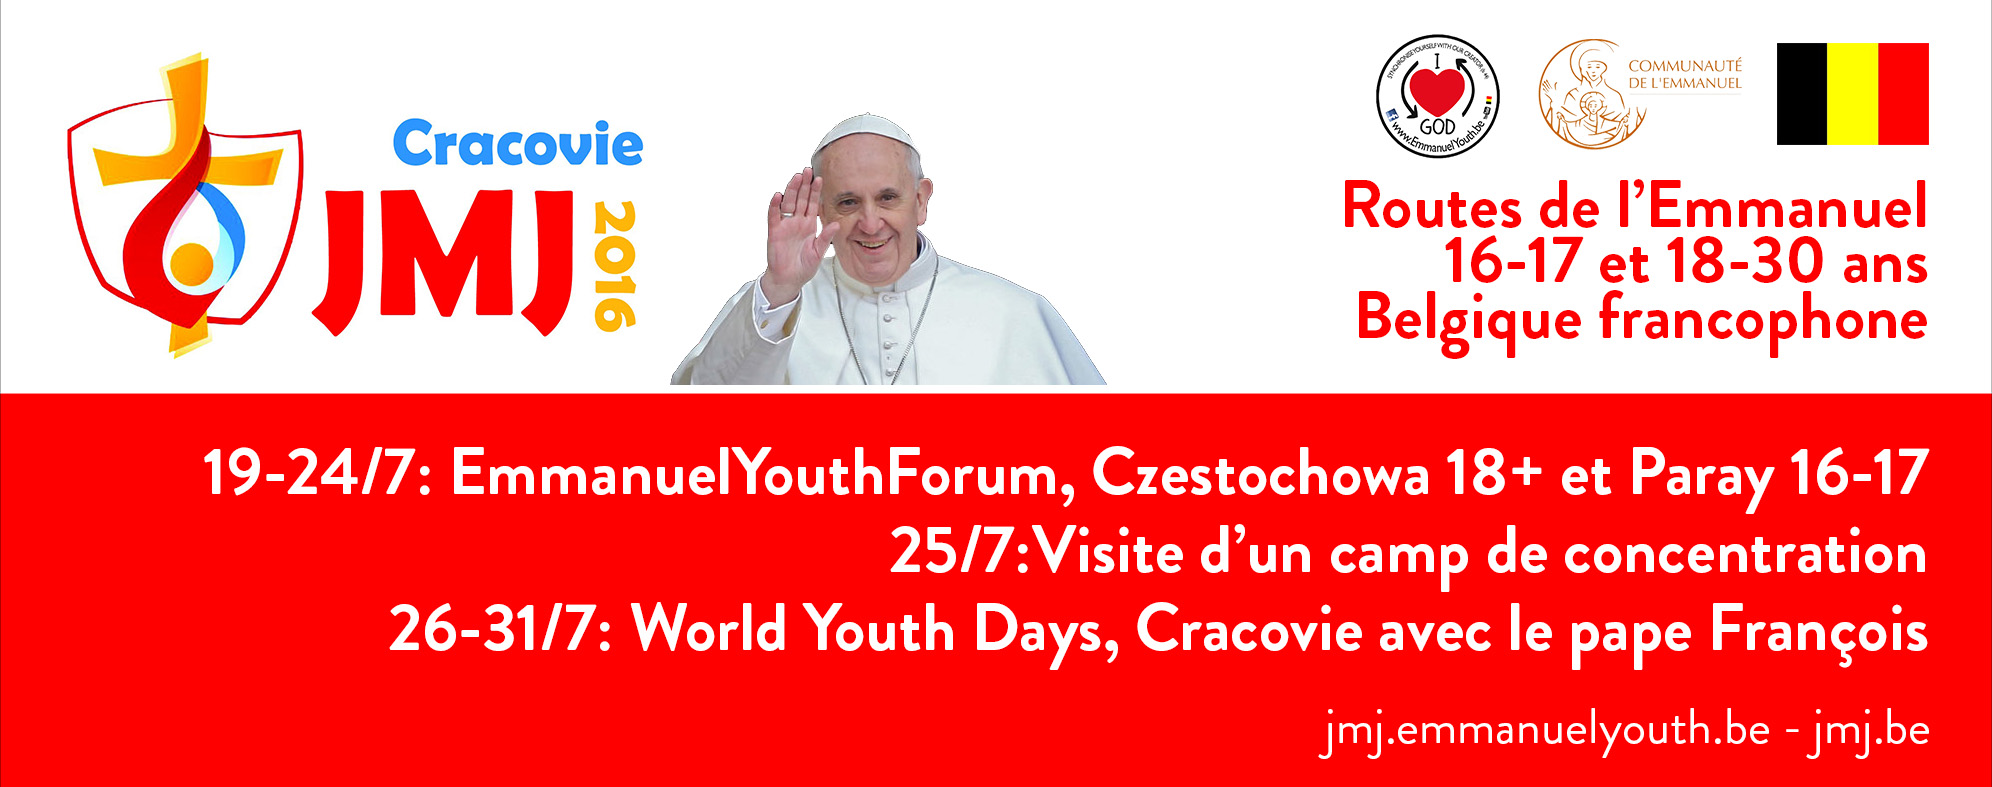 Facebook-banner-JMJ2016-Emmanuel-Belgium-100x253-v2